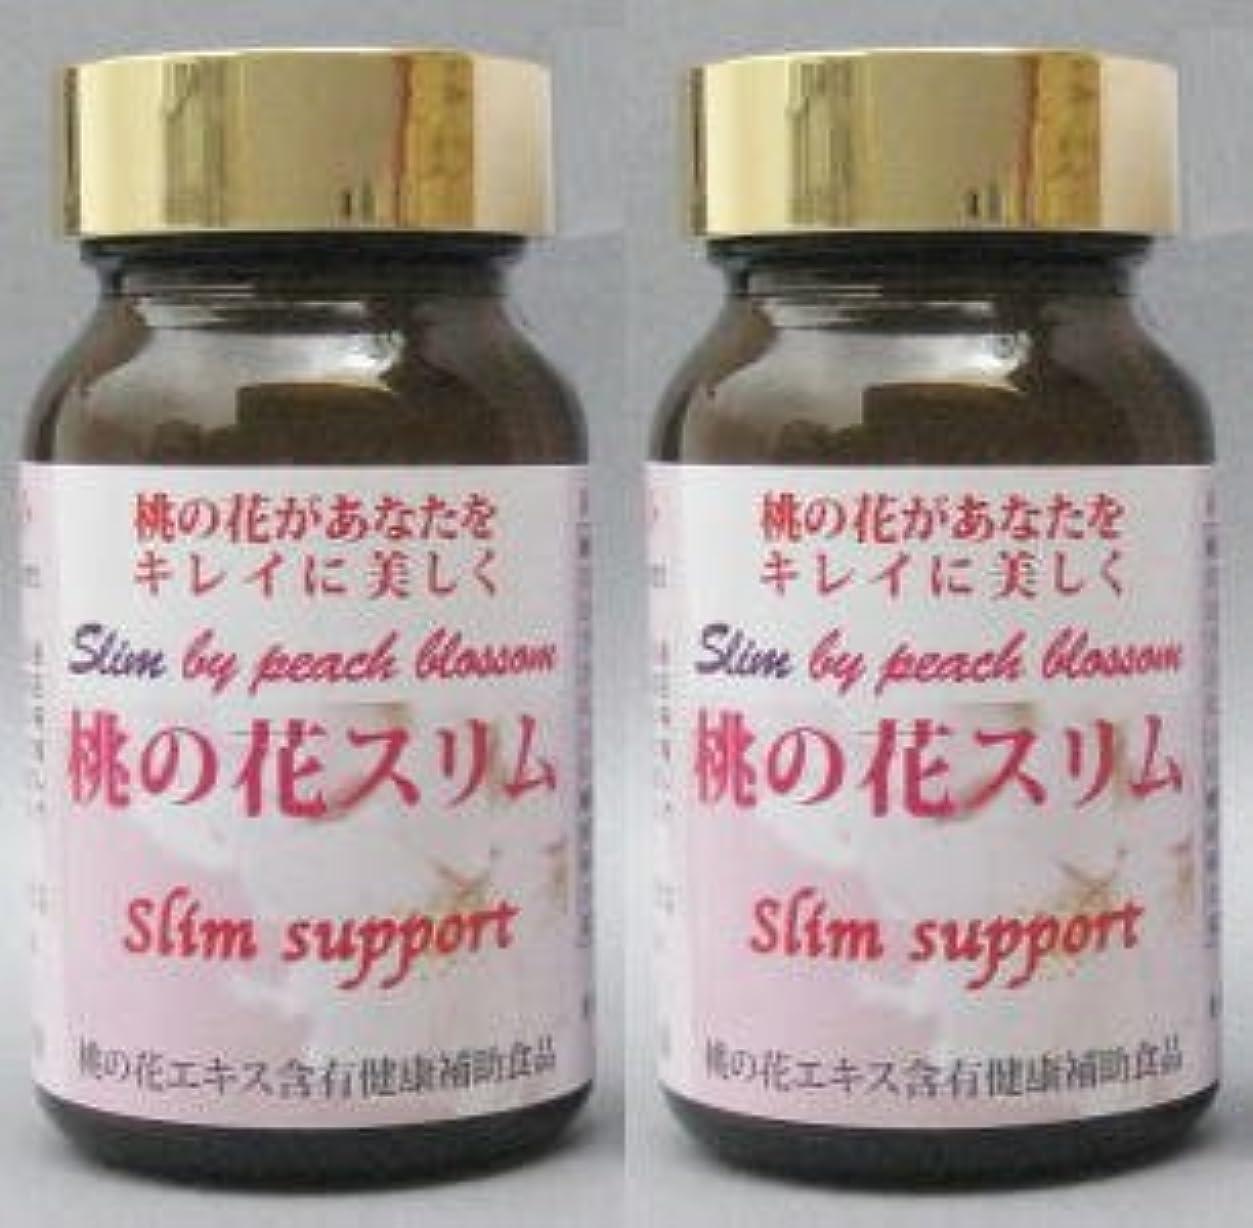 つま先相互どこでもSlim support 桃の花エキス含有健康補助食品 桃の花スリム 200mg×180粒 2箱